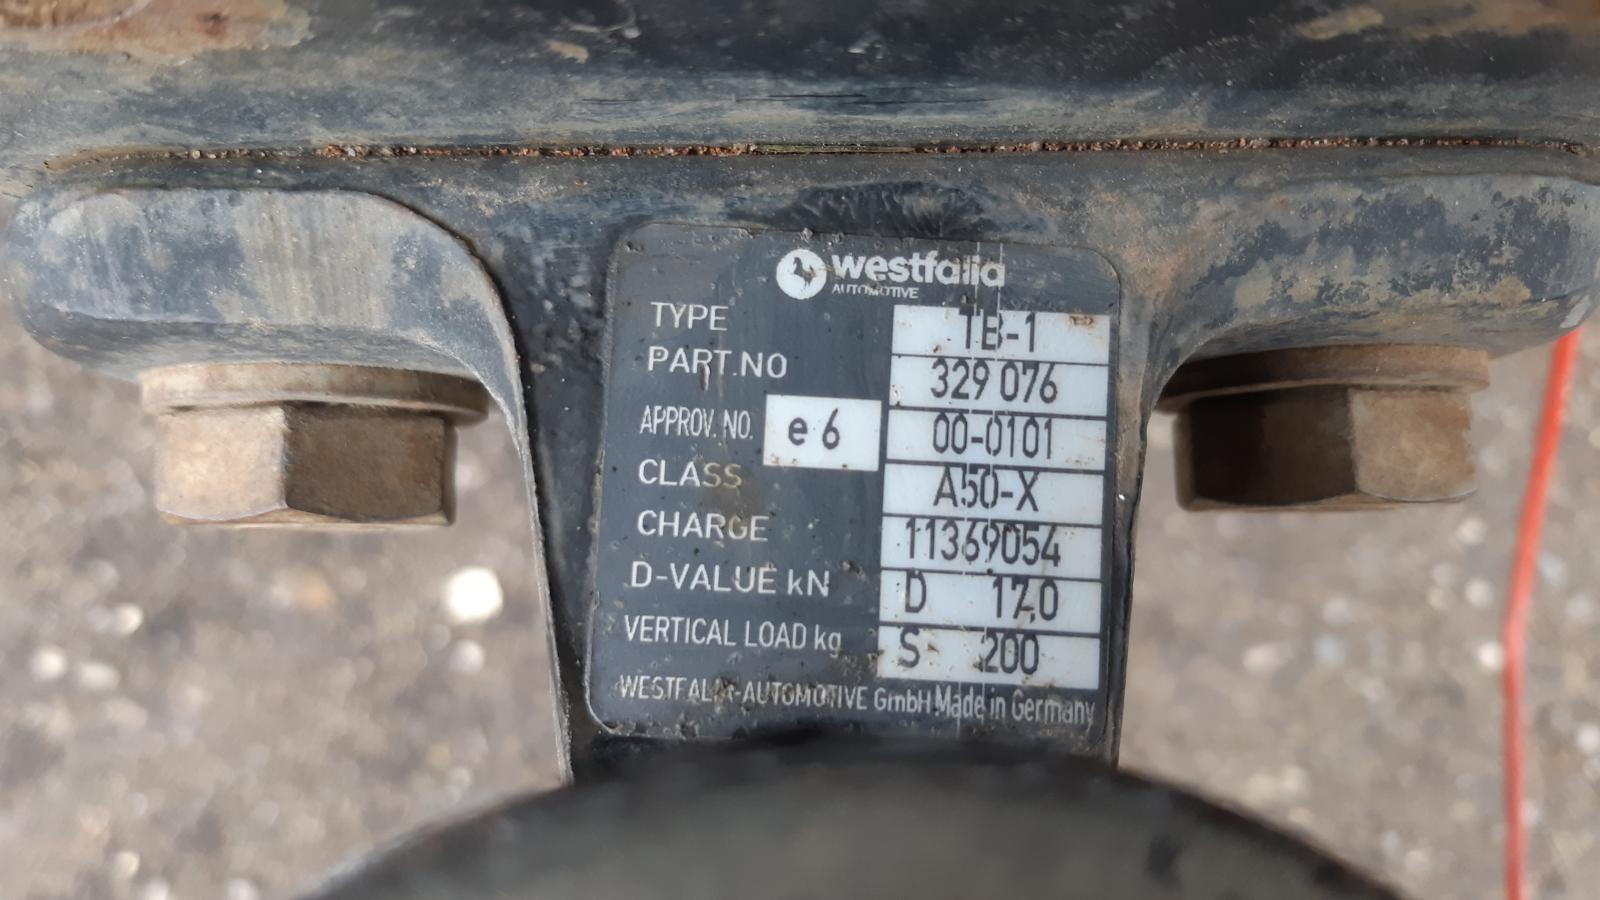 Stützlast (Vertical Load kg) dieser Anhängerkupplung: 200 kg.